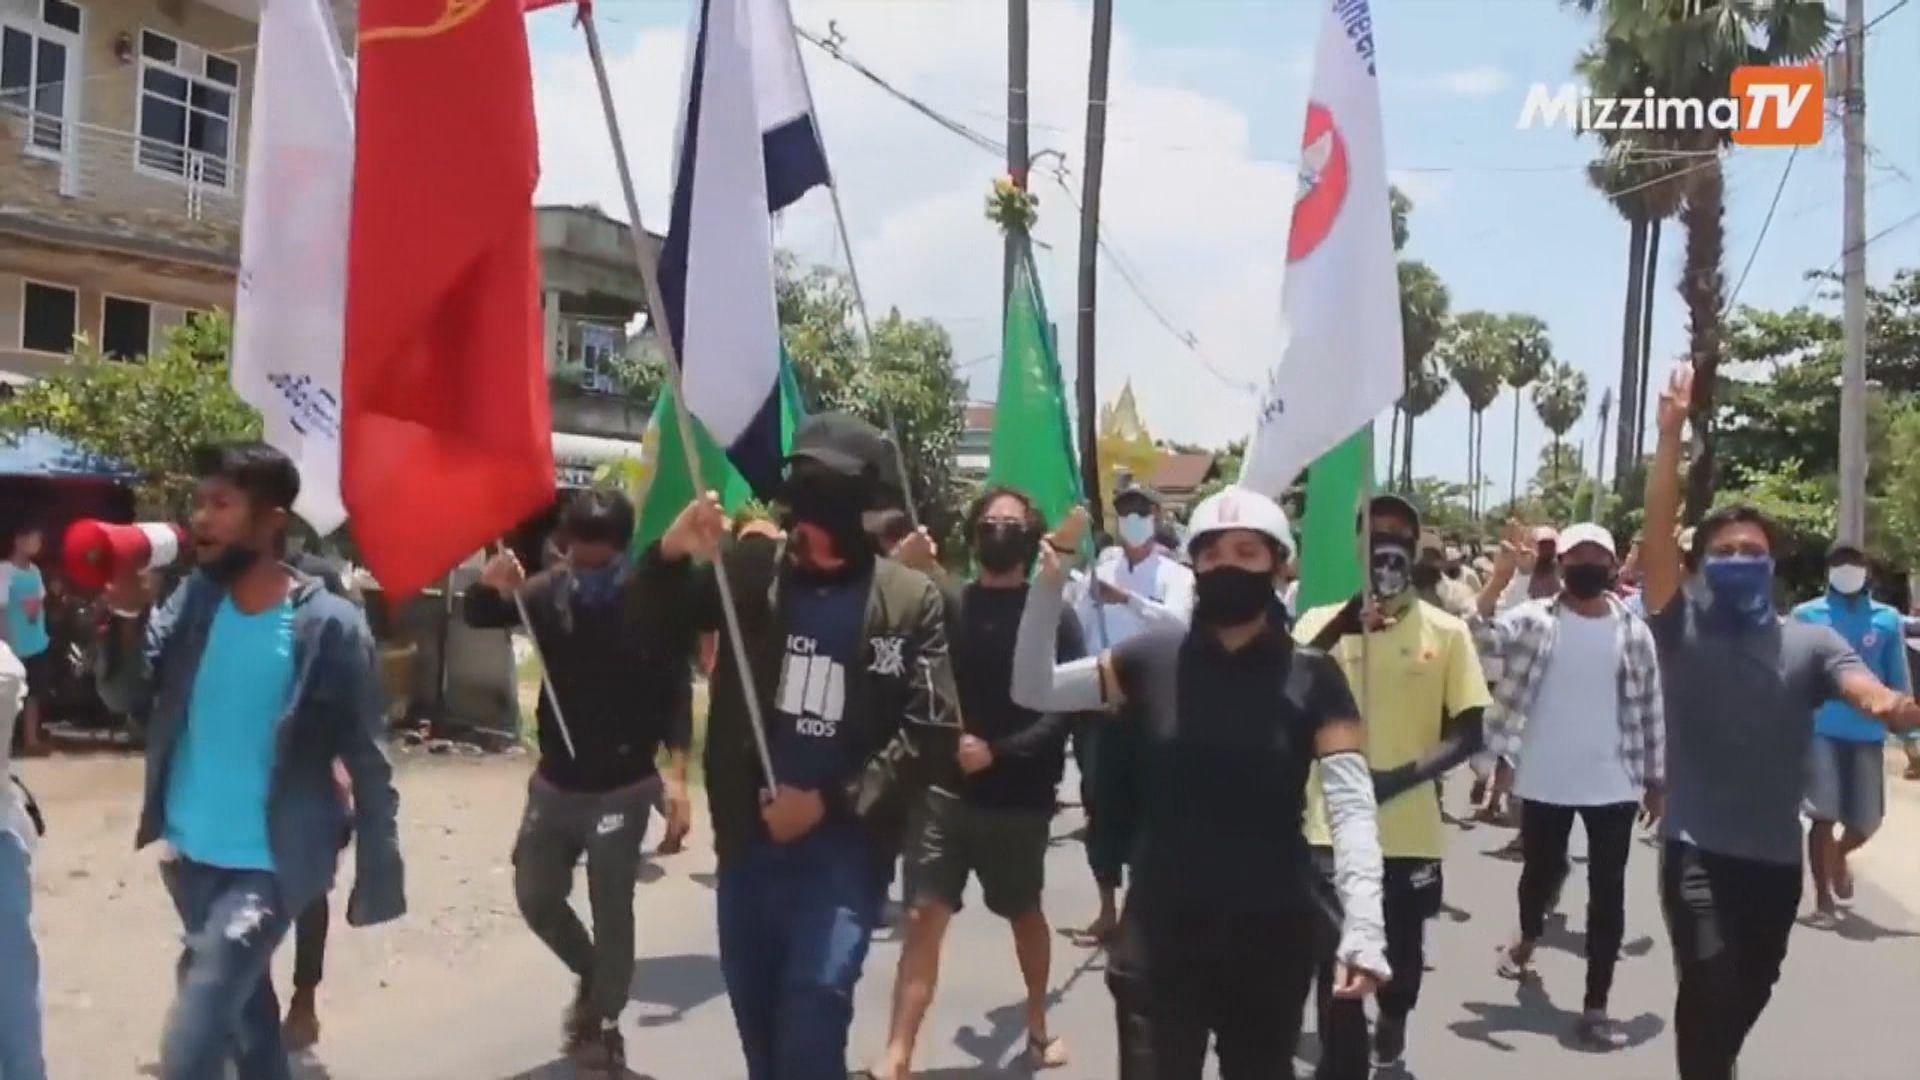 緬甸示威持續 軍警與示威者通宵衝突至少11死